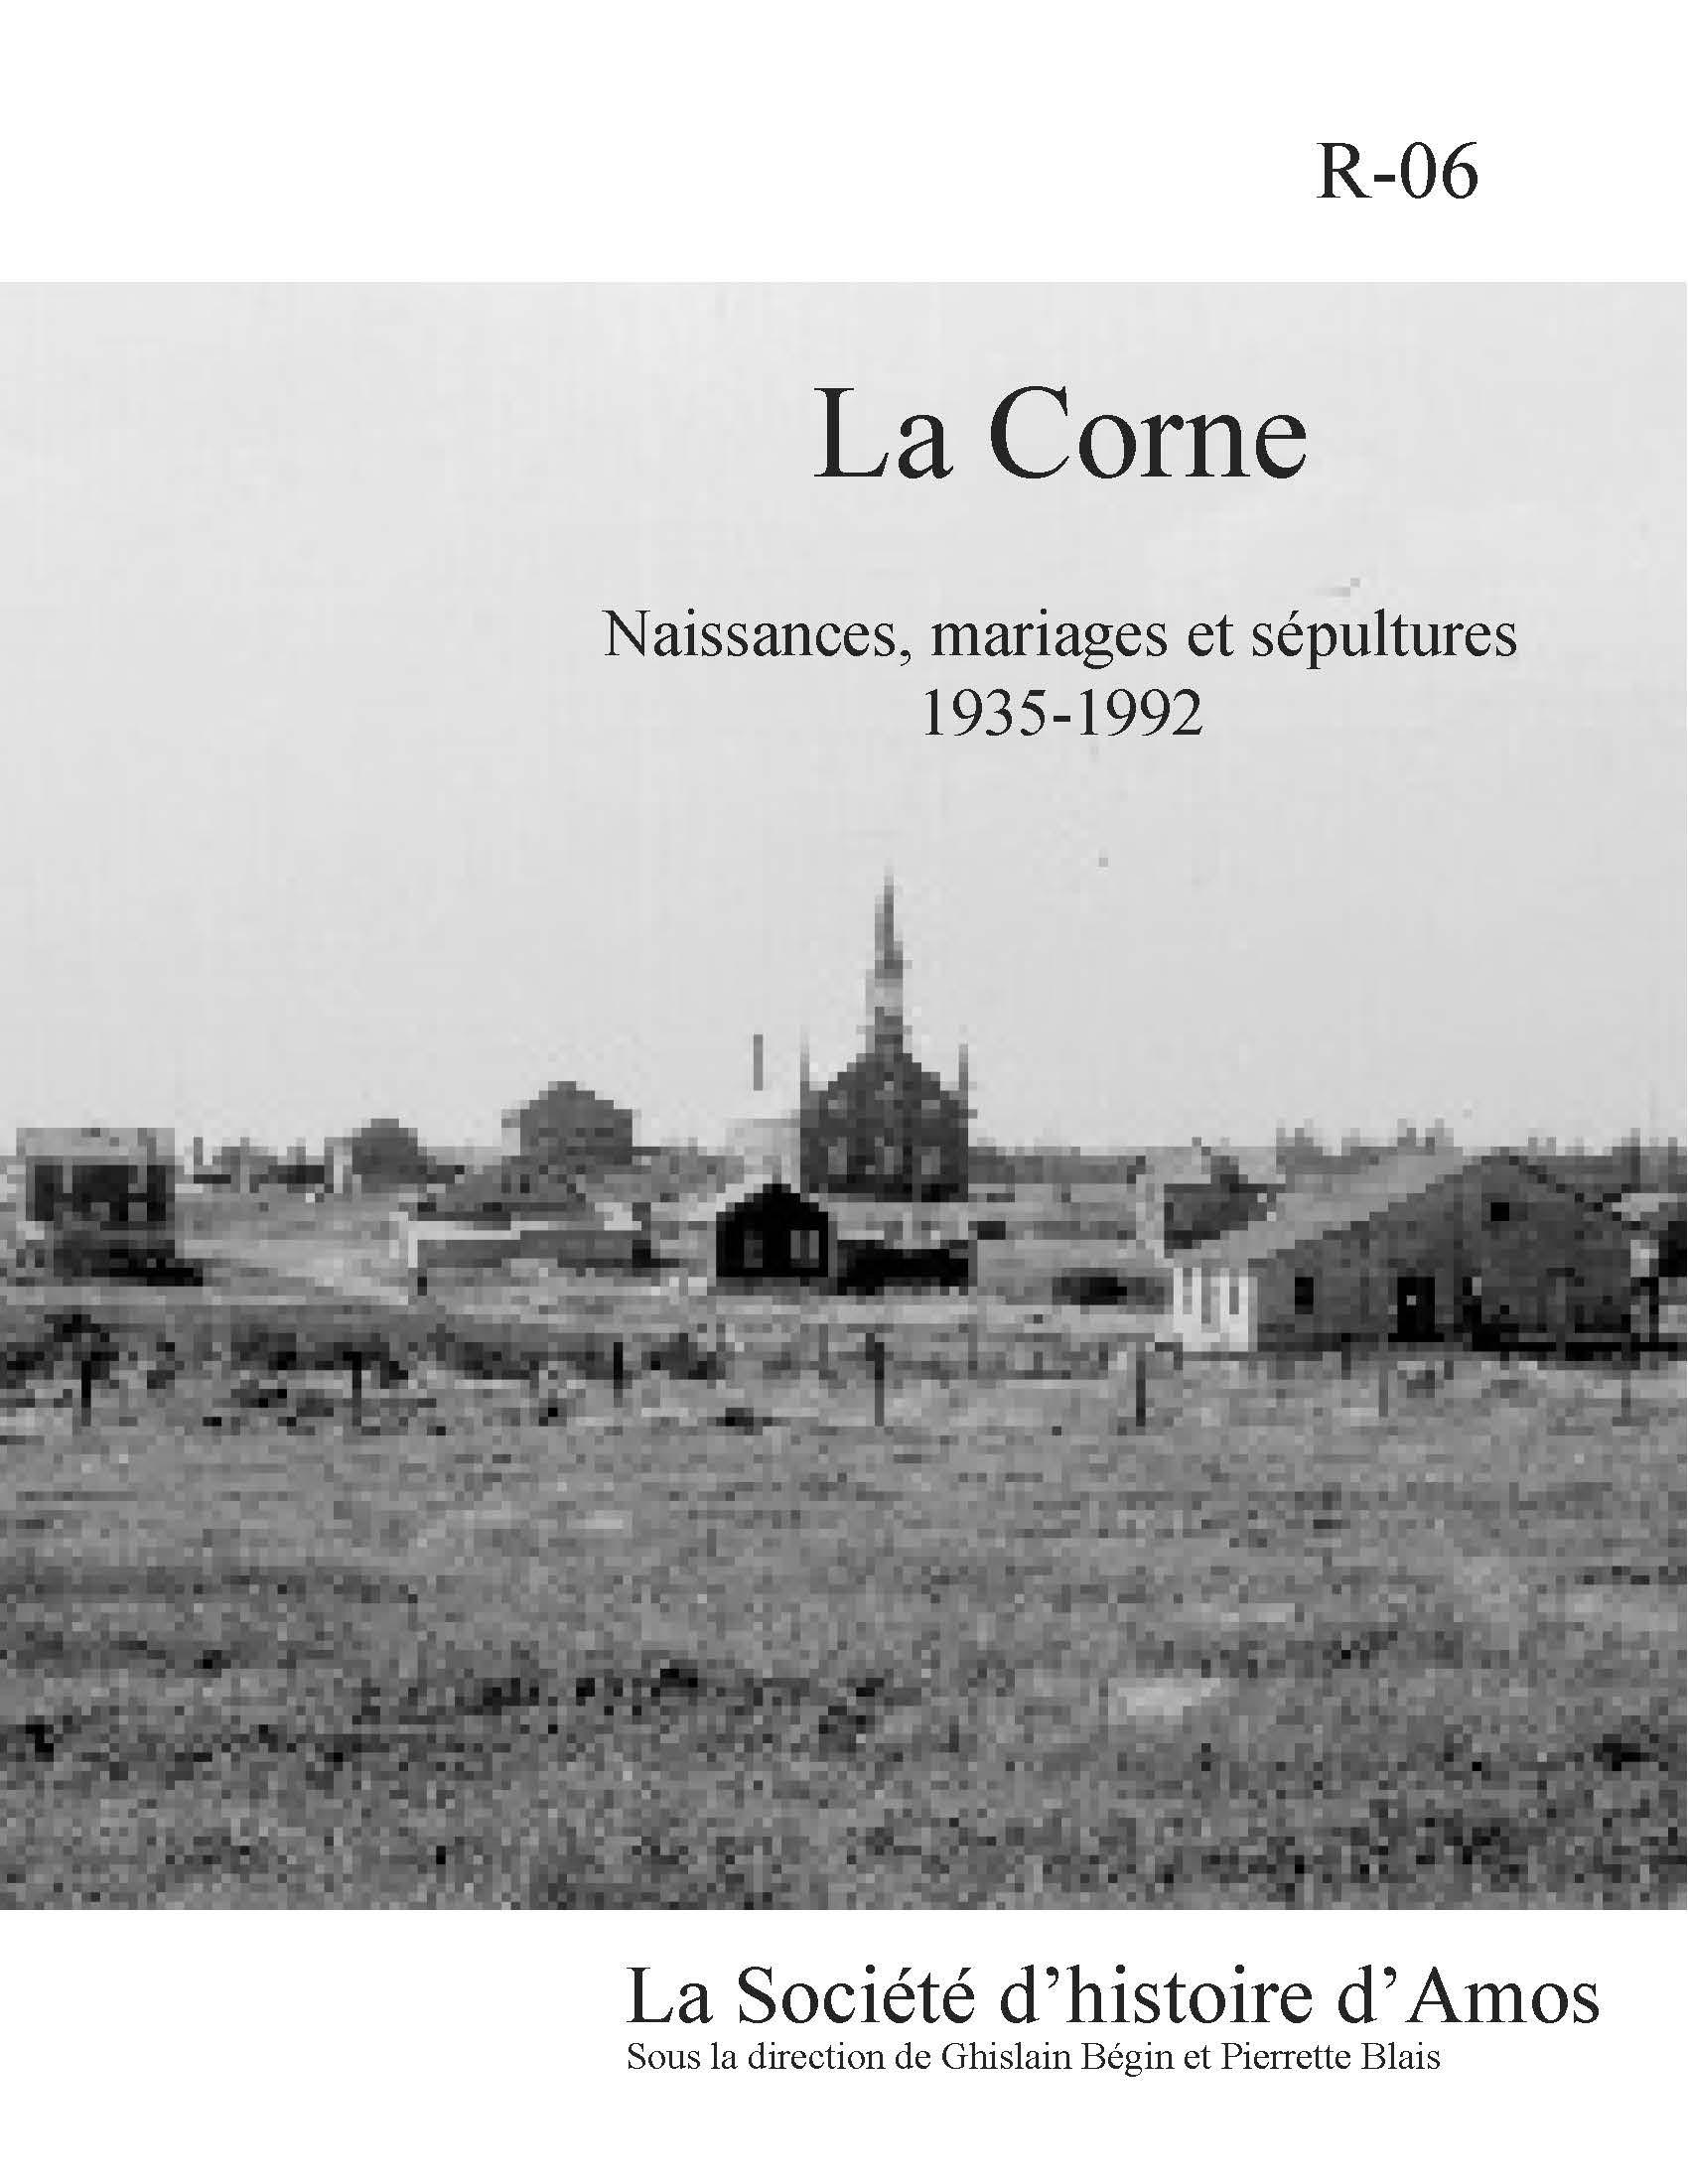 R-06 La Corne